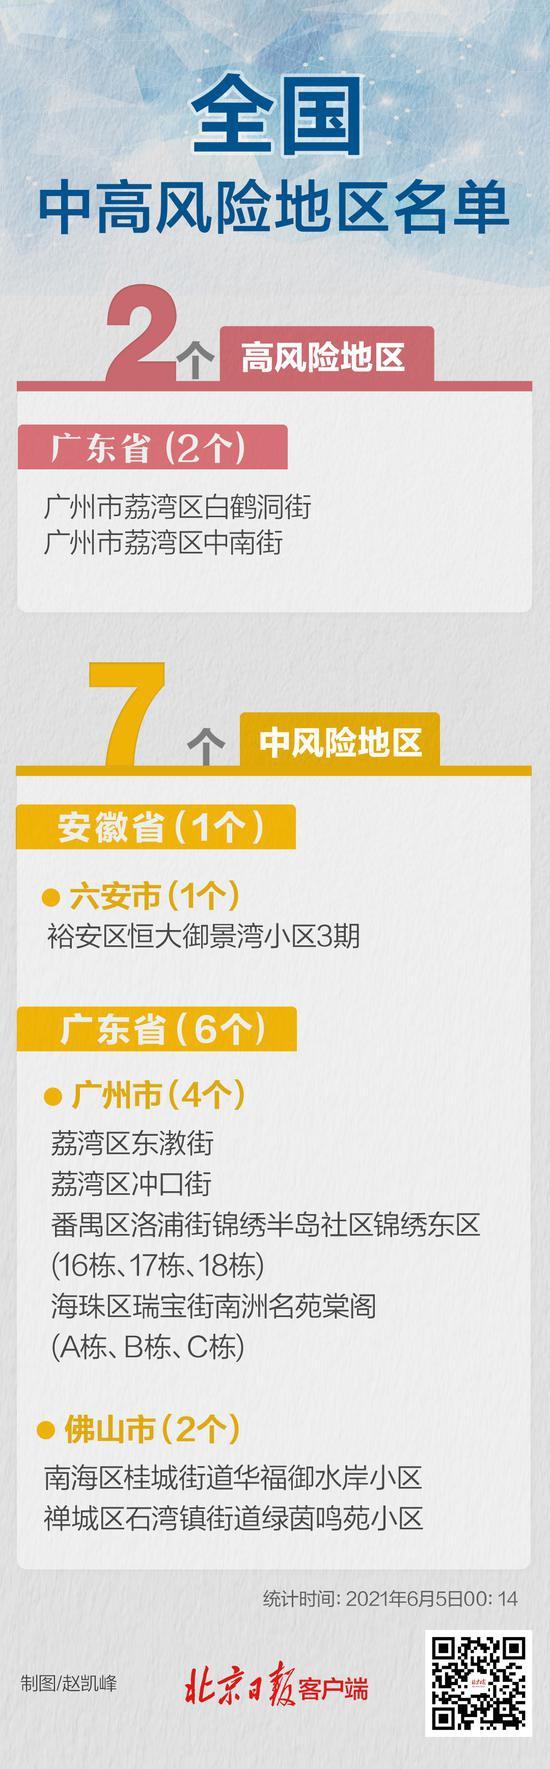 杏悦:新统计目前全国共有2个高杏悦风险图片